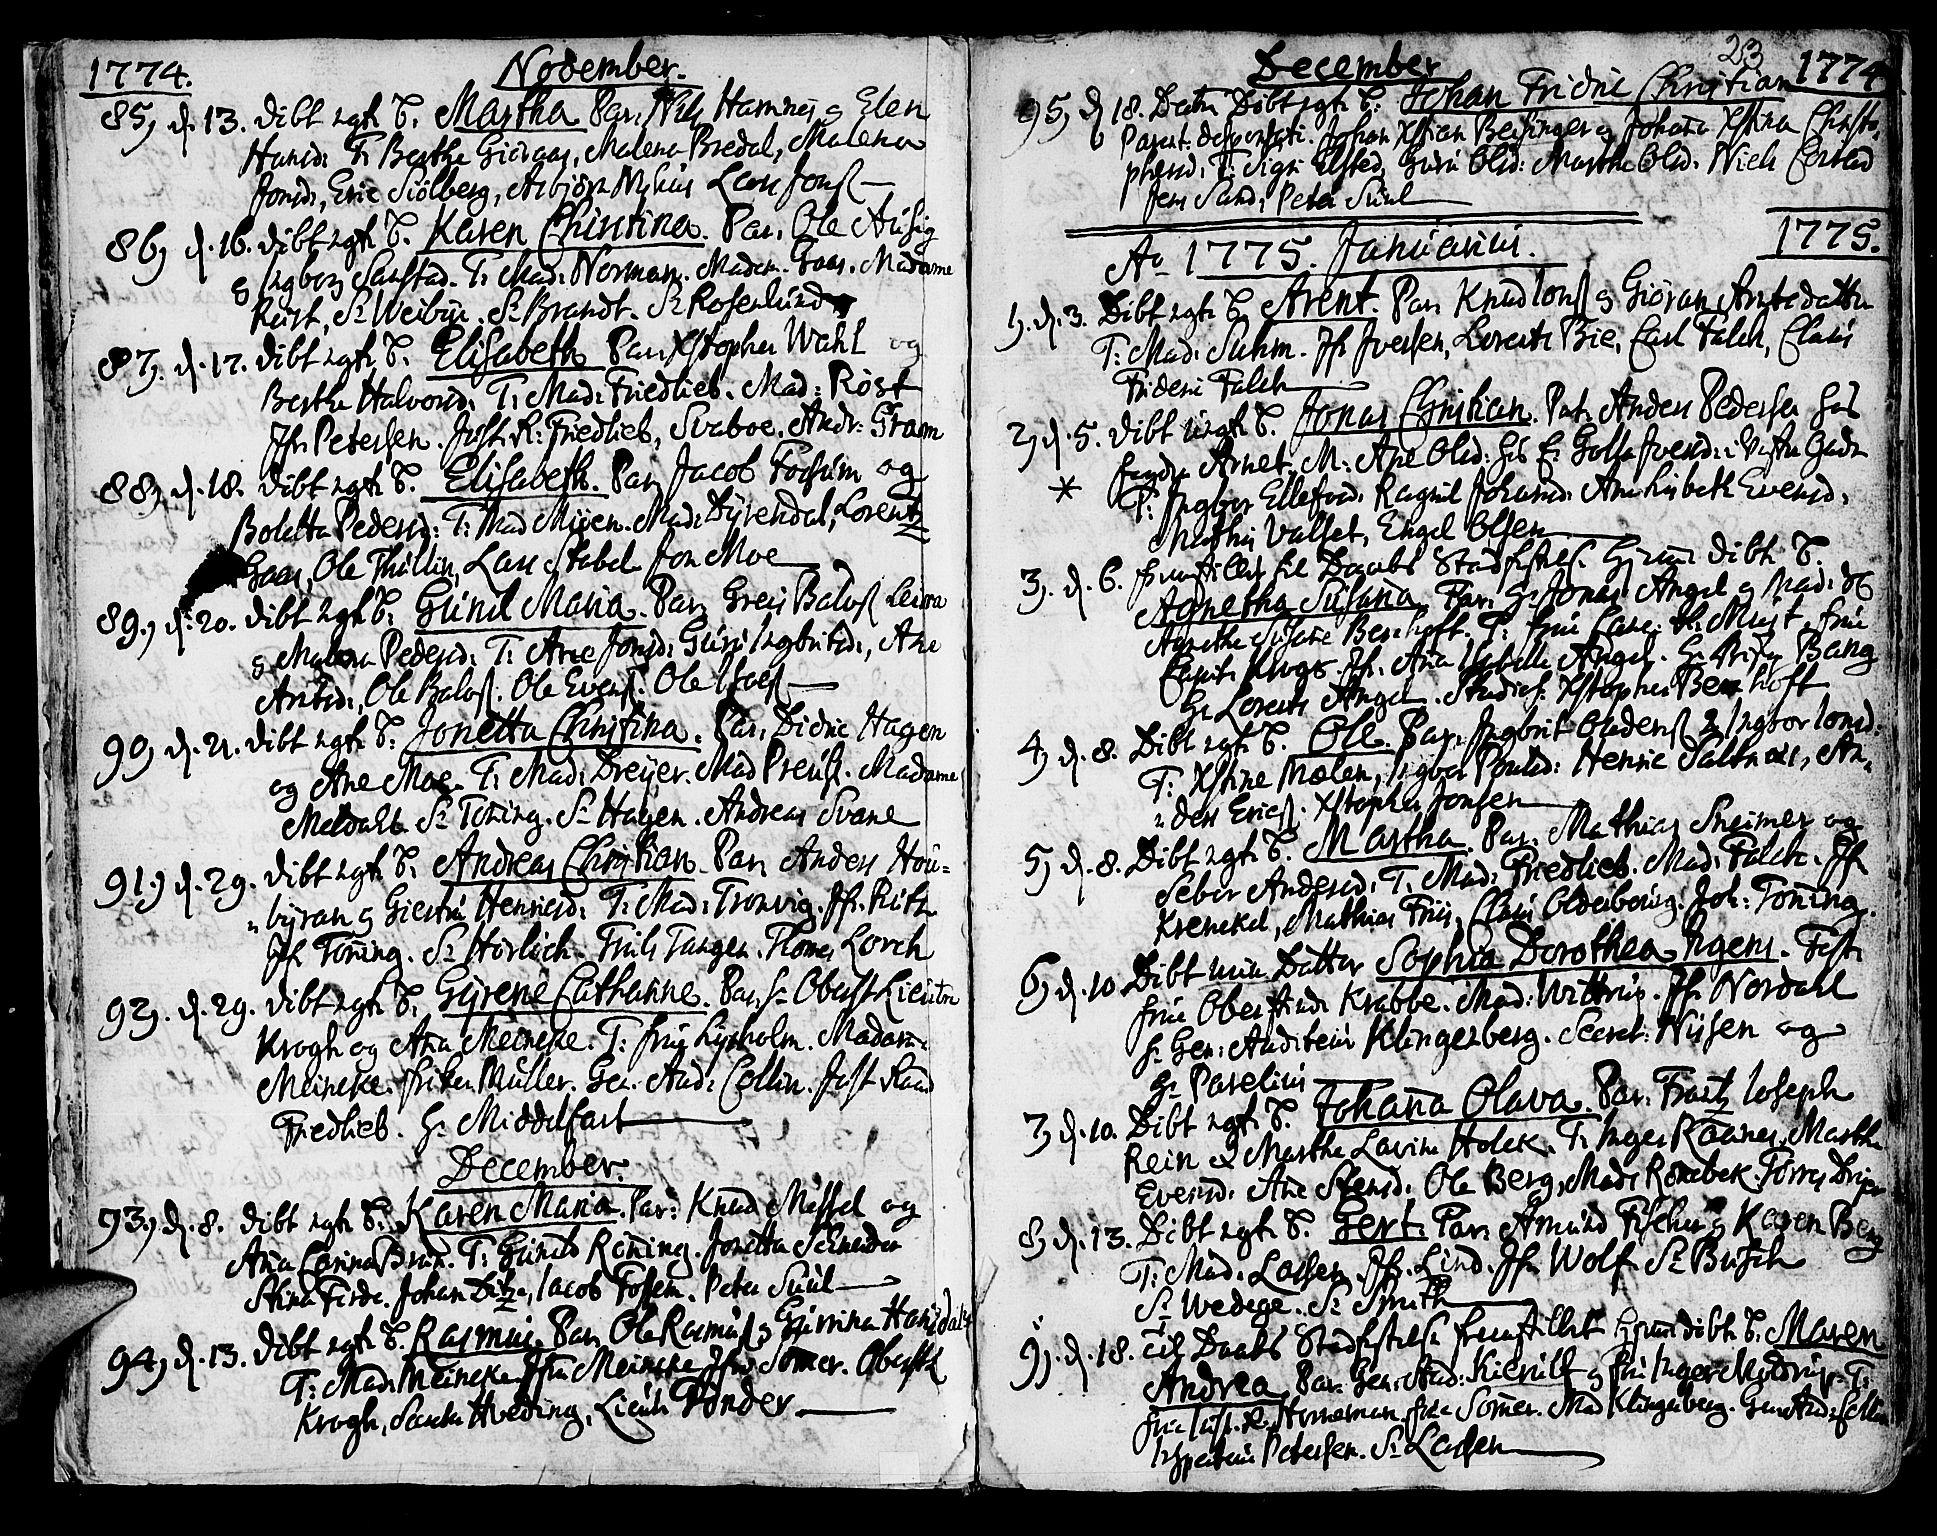 SAT, Ministerialprotokoller, klokkerbøker og fødselsregistre - Sør-Trøndelag, 601/L0039: Ministerialbok nr. 601A07, 1770-1819, s. 23